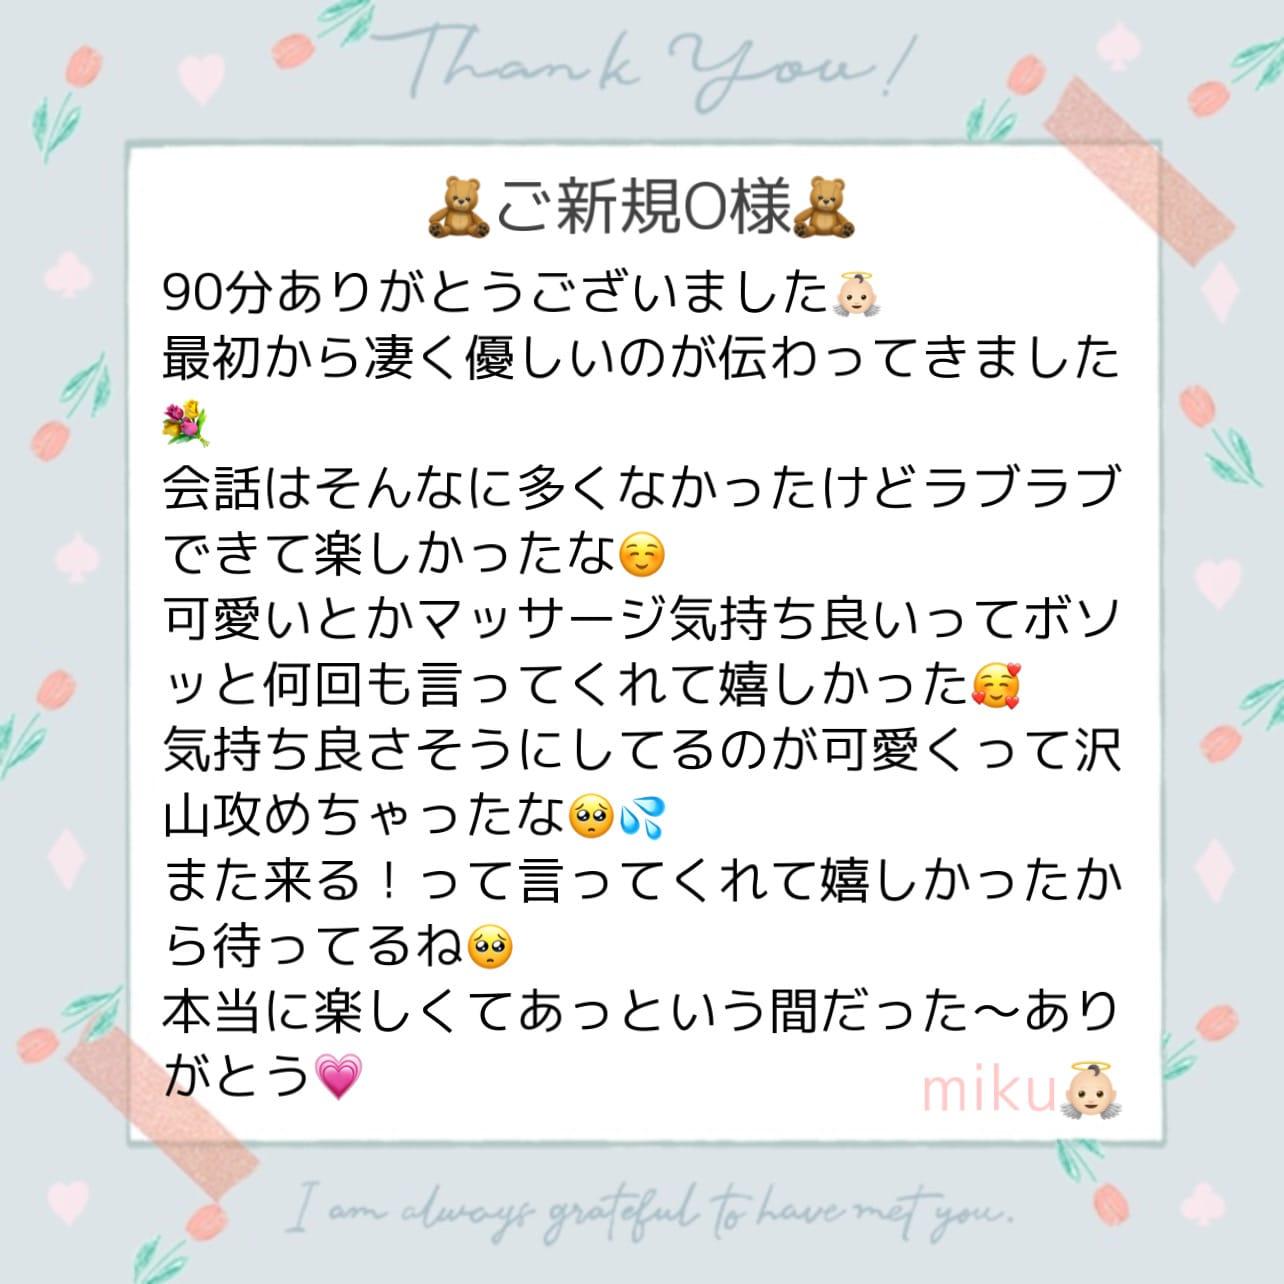 「ご新規O様❤︎」07/19(月) 13:32 | みくの写メ日記